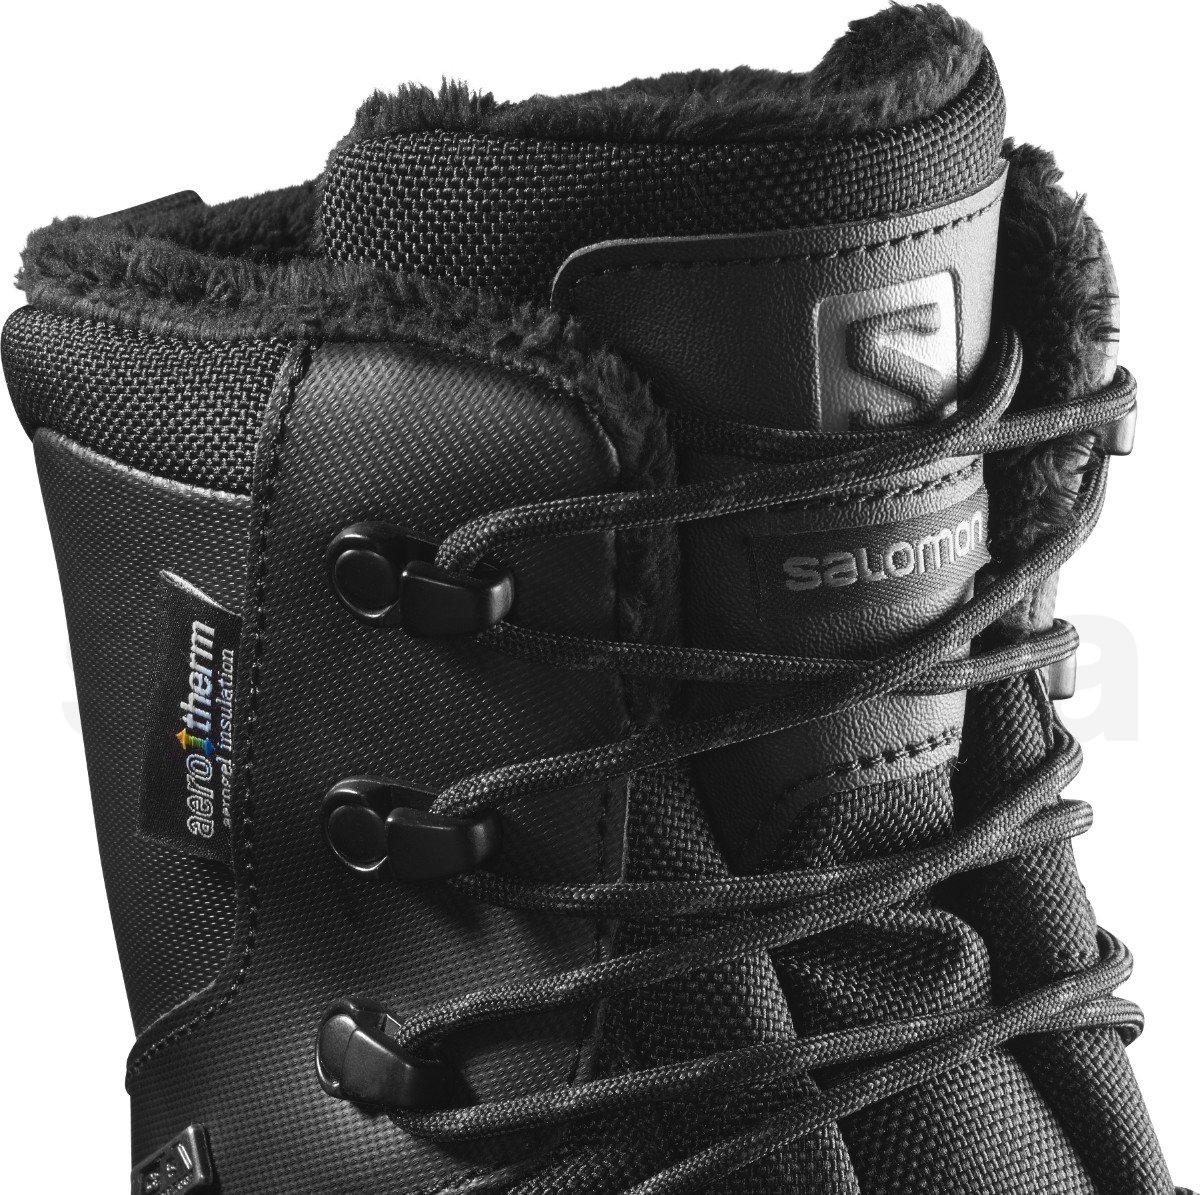 Boty Salomon TOUNDRA PRO CSWP M - černá